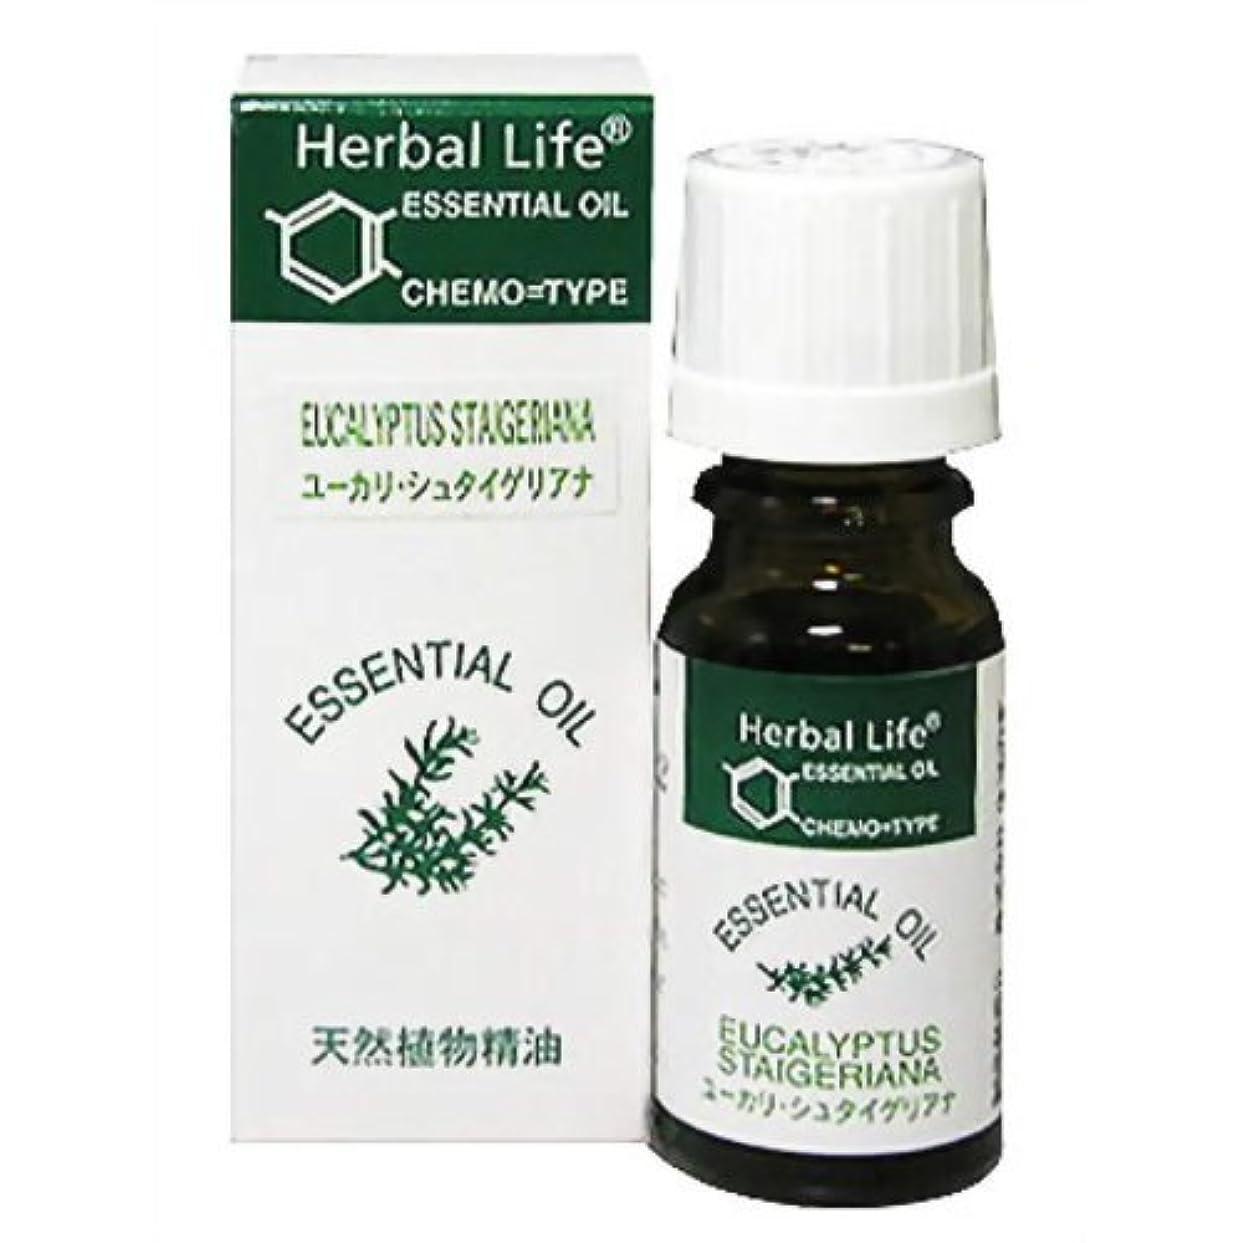 土苦しめるゴミ生活の木 Herbal Life ユーカリ?シュタイゲリアナ 10ml